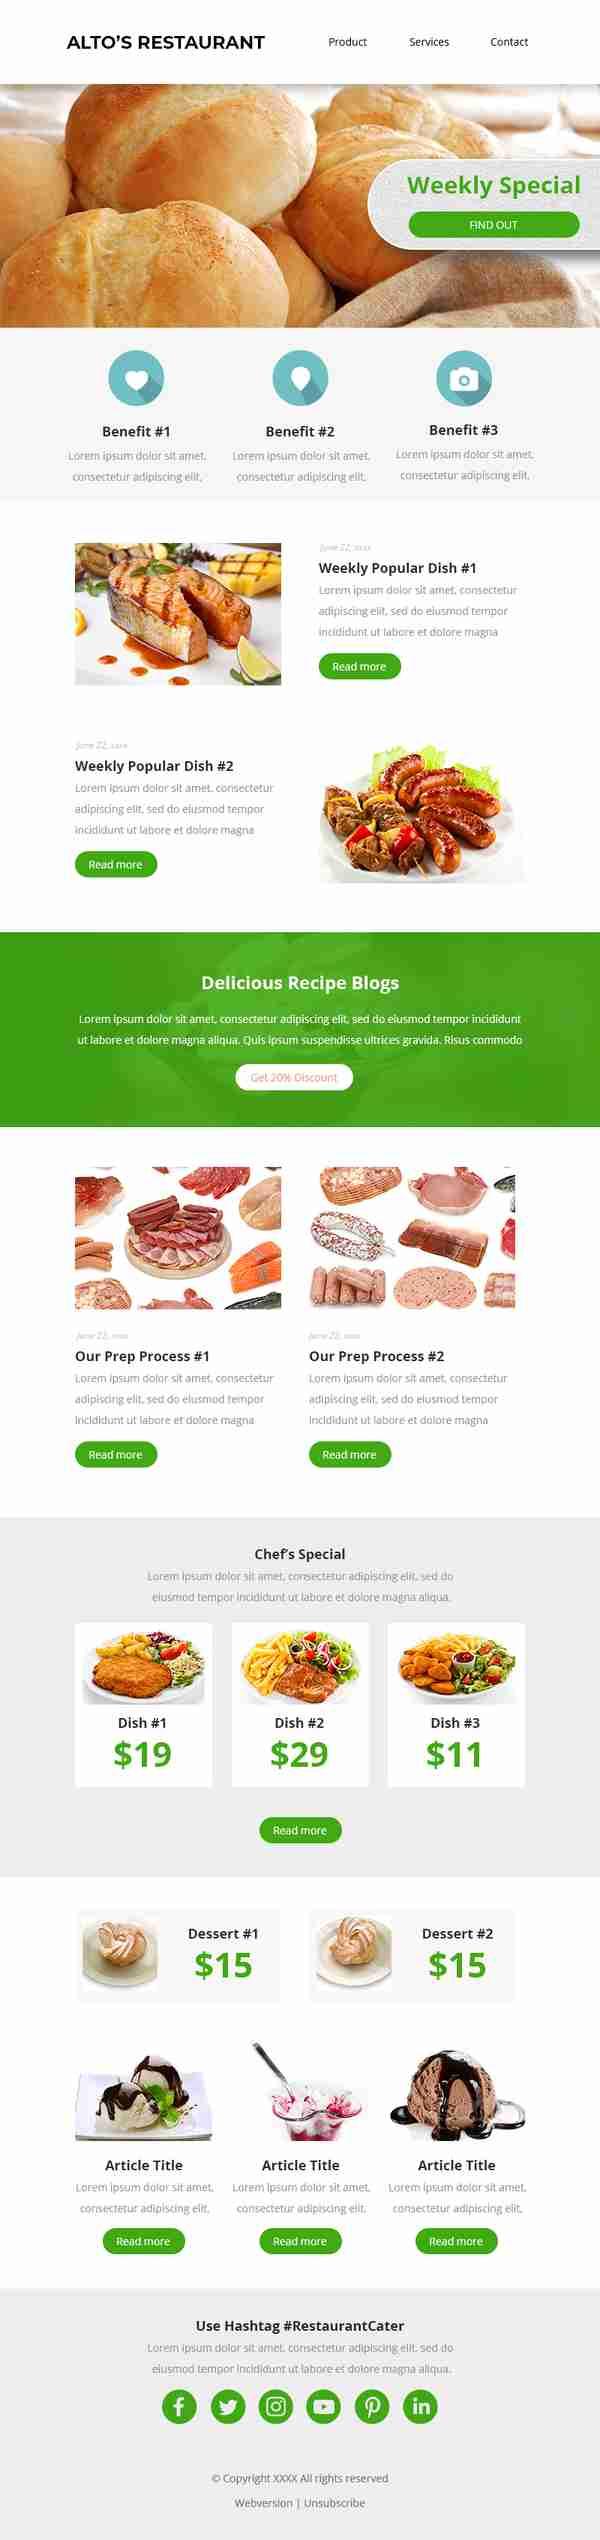 Email Marketing Design for Restaurant & Bakery Industry - SKU: EM0102 - 247101